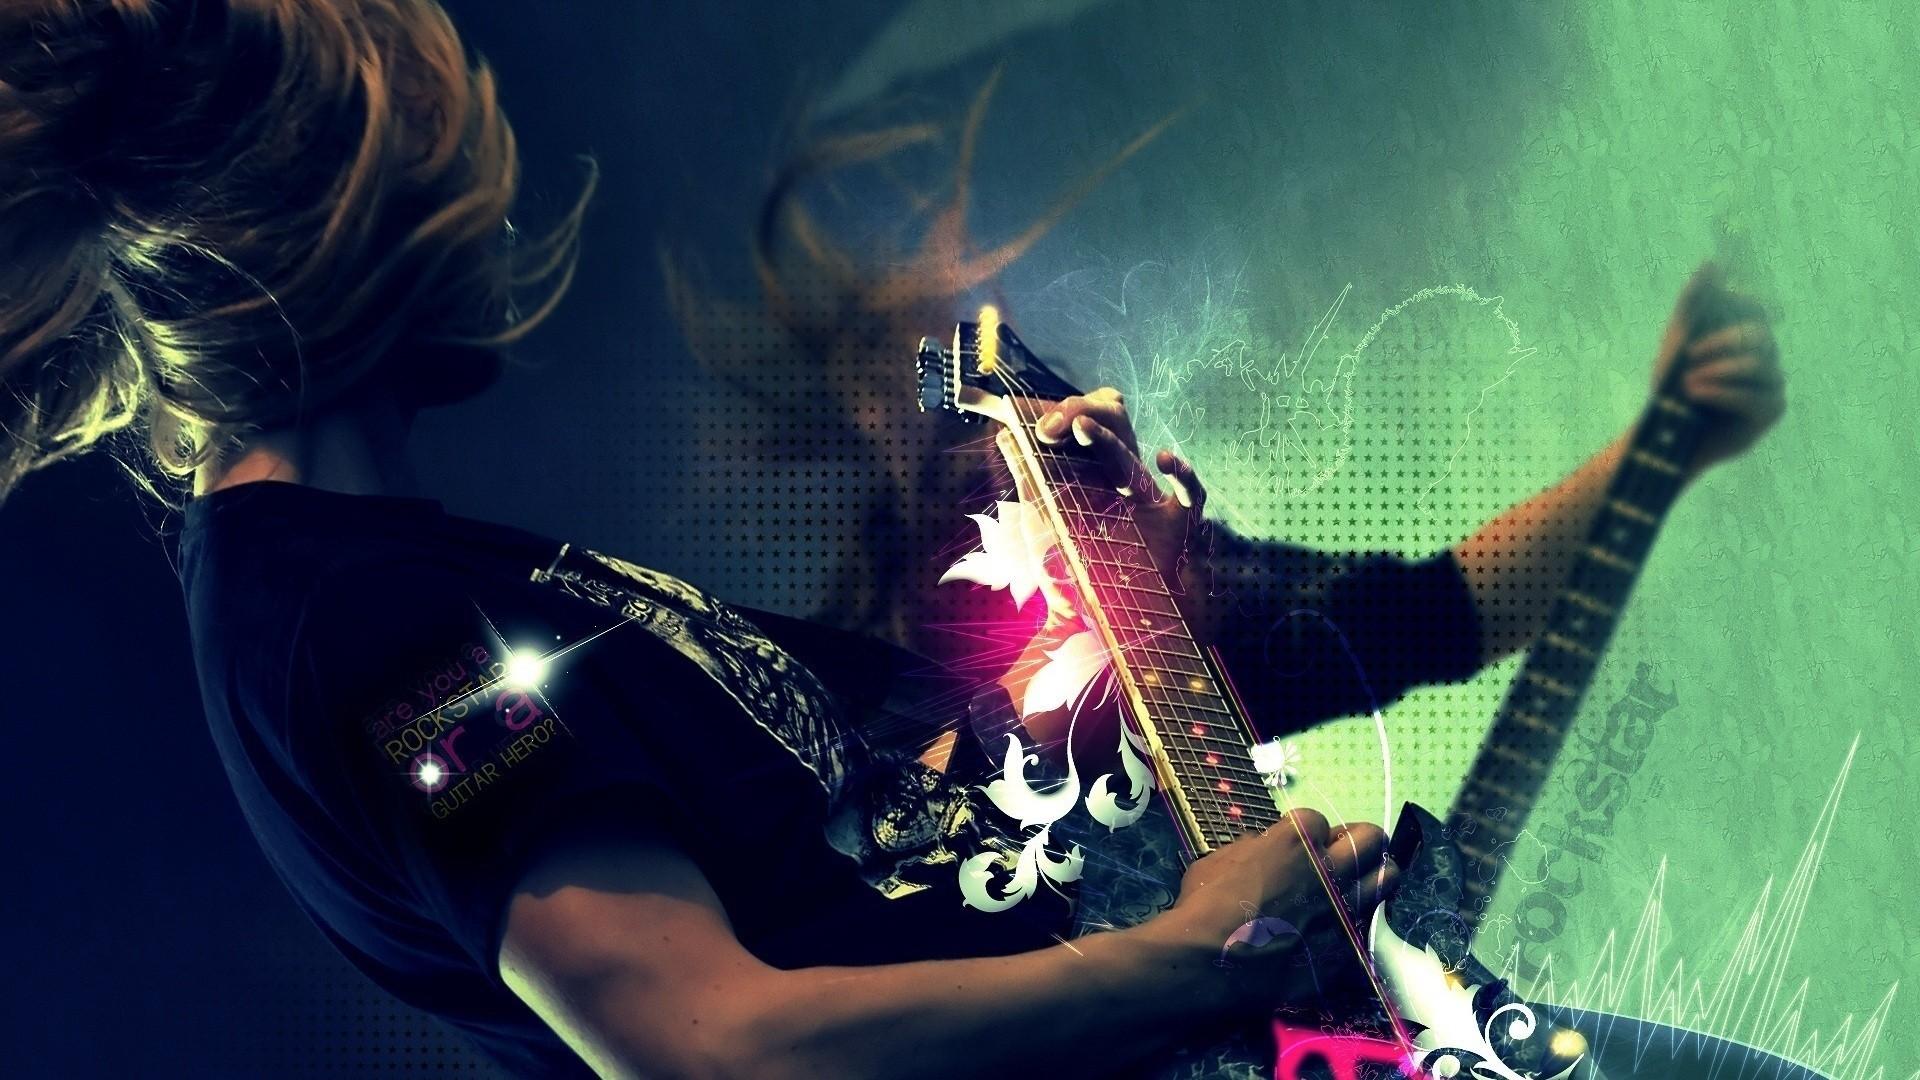 デスクトップ壁紙 音楽 ミュージシャン ギタリスト エレキギター